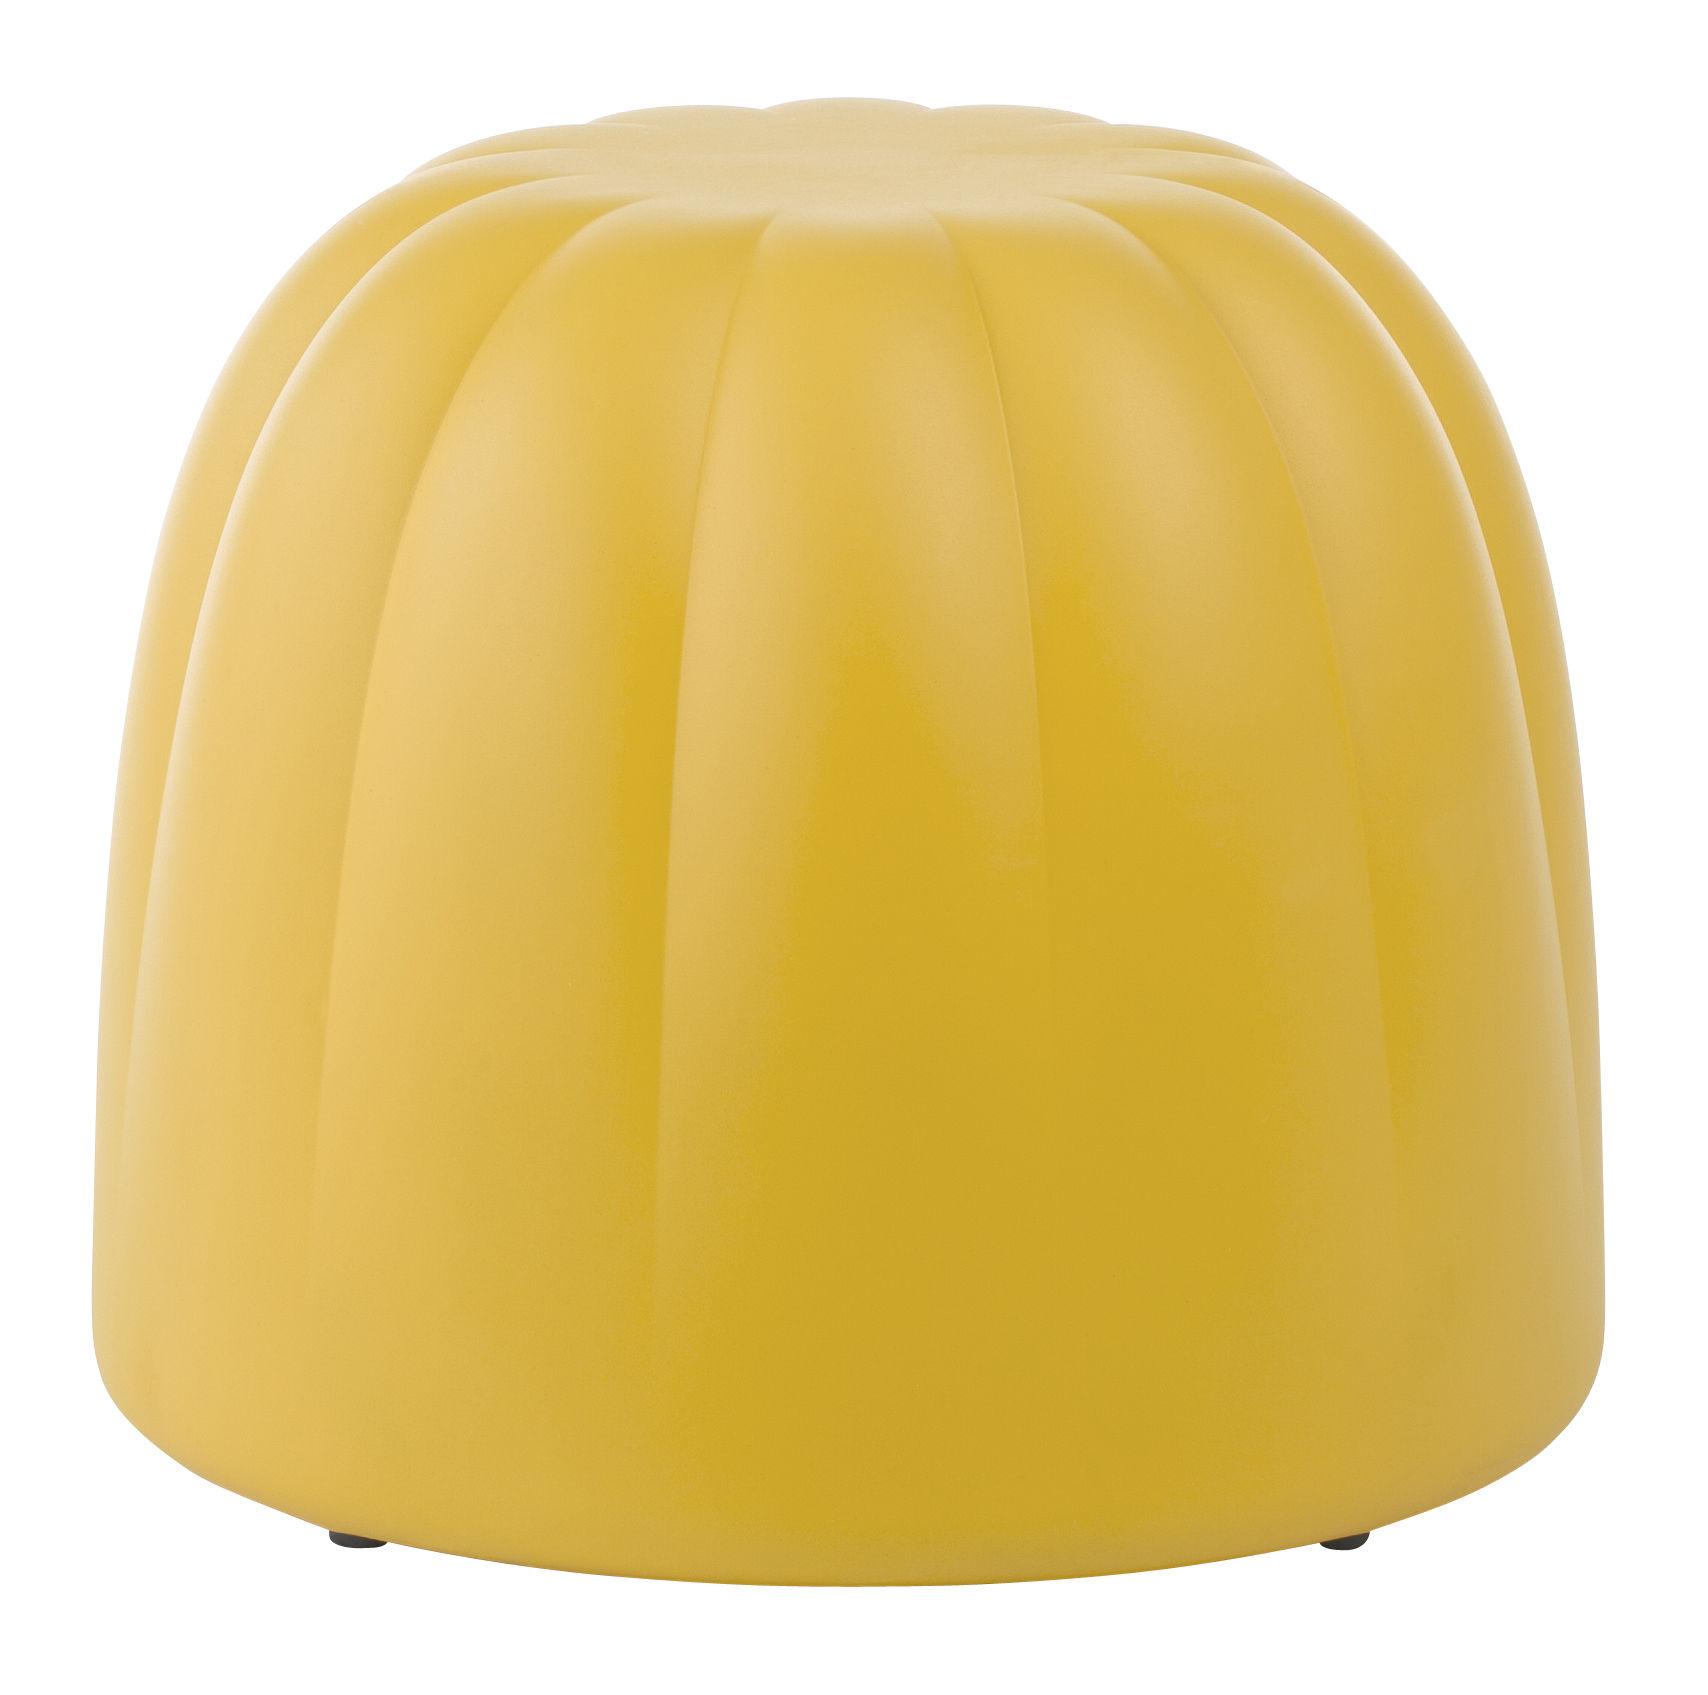 Pouf canelé (PM) jaune